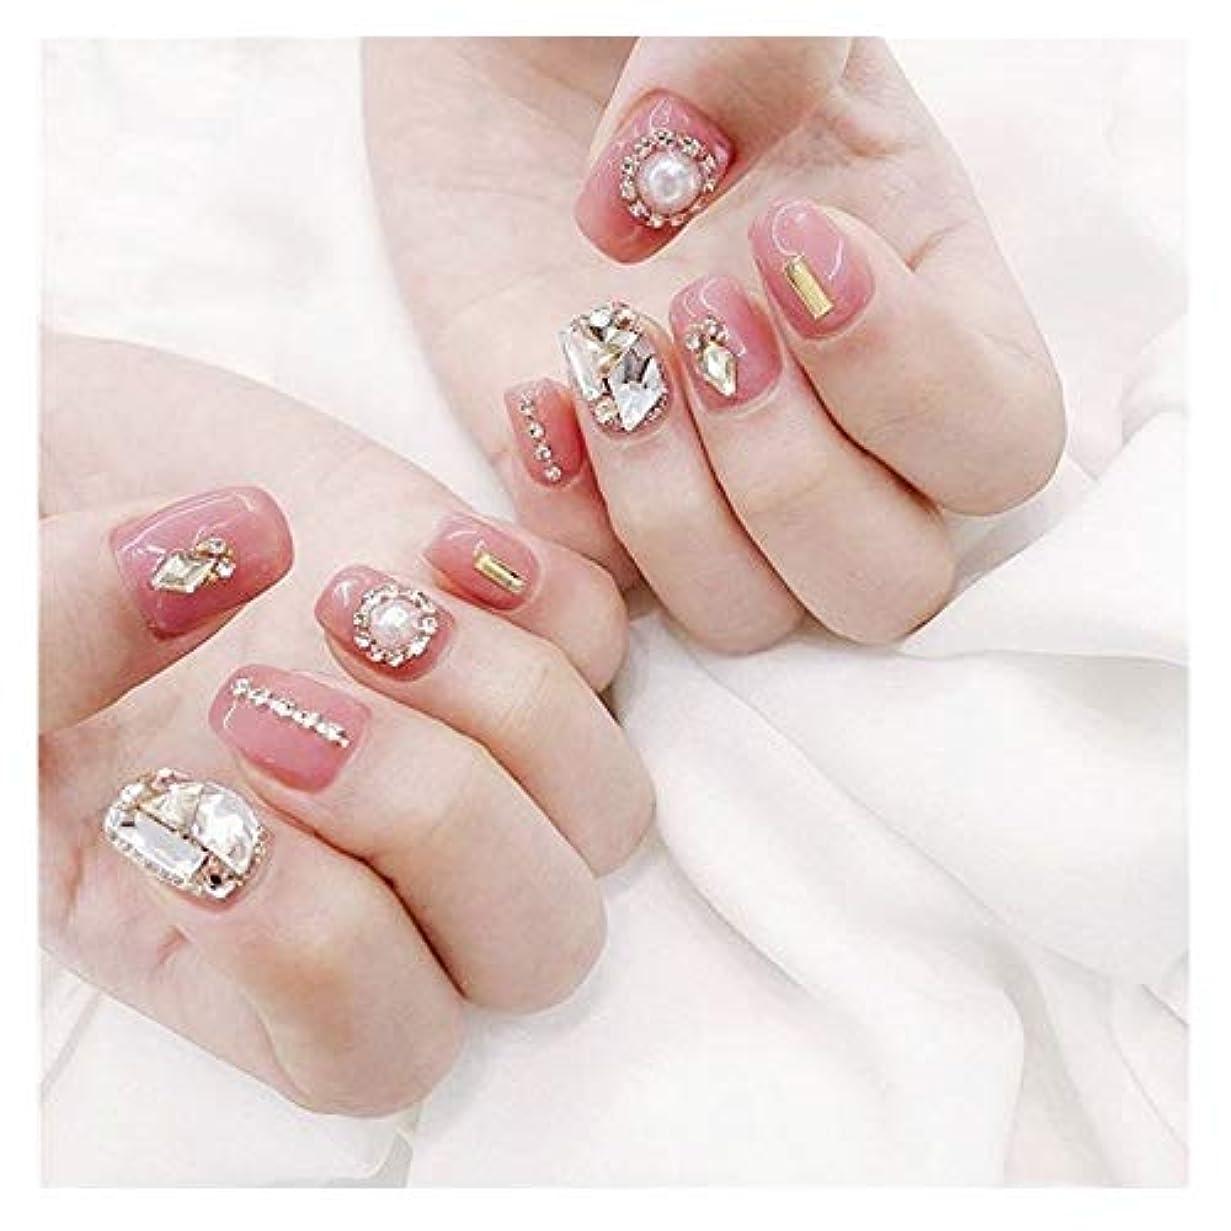 お世話になった緩める卒業HOHYLLYA ダイヤモンドのり偽の爪ピンクのかわいい花嫁フォトスタジオ完成ネイル偽の釘 (色 : 24 pieces)